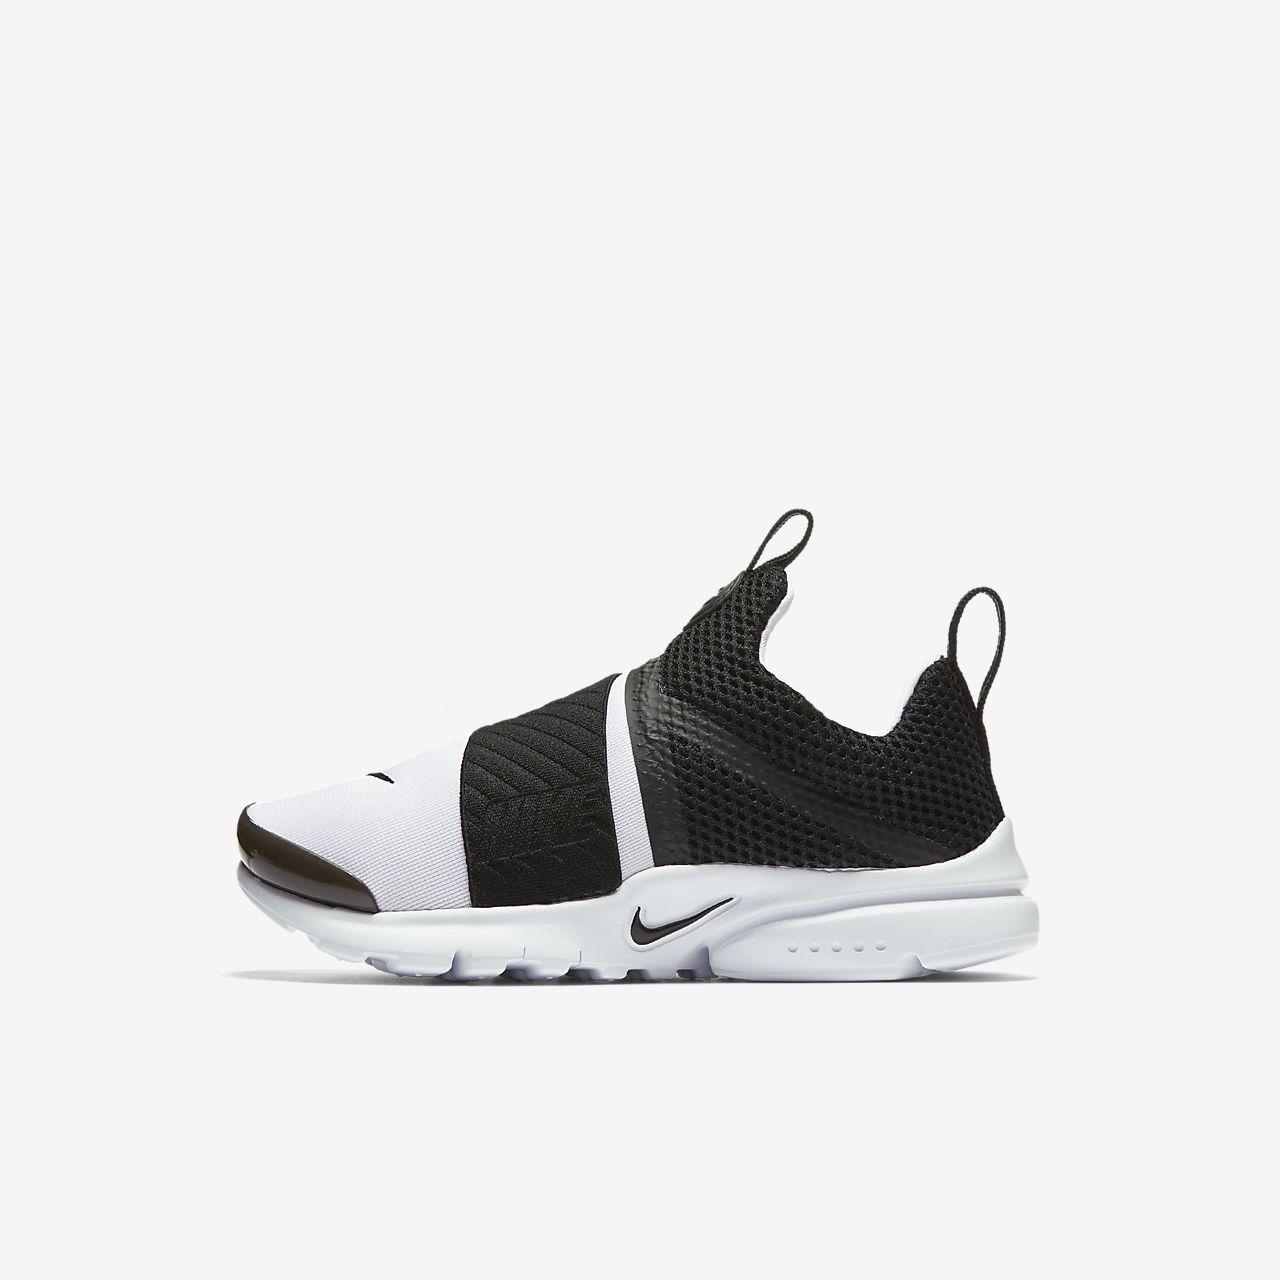 best sneakers c7f6e f9c00 Nike Presto Extreme